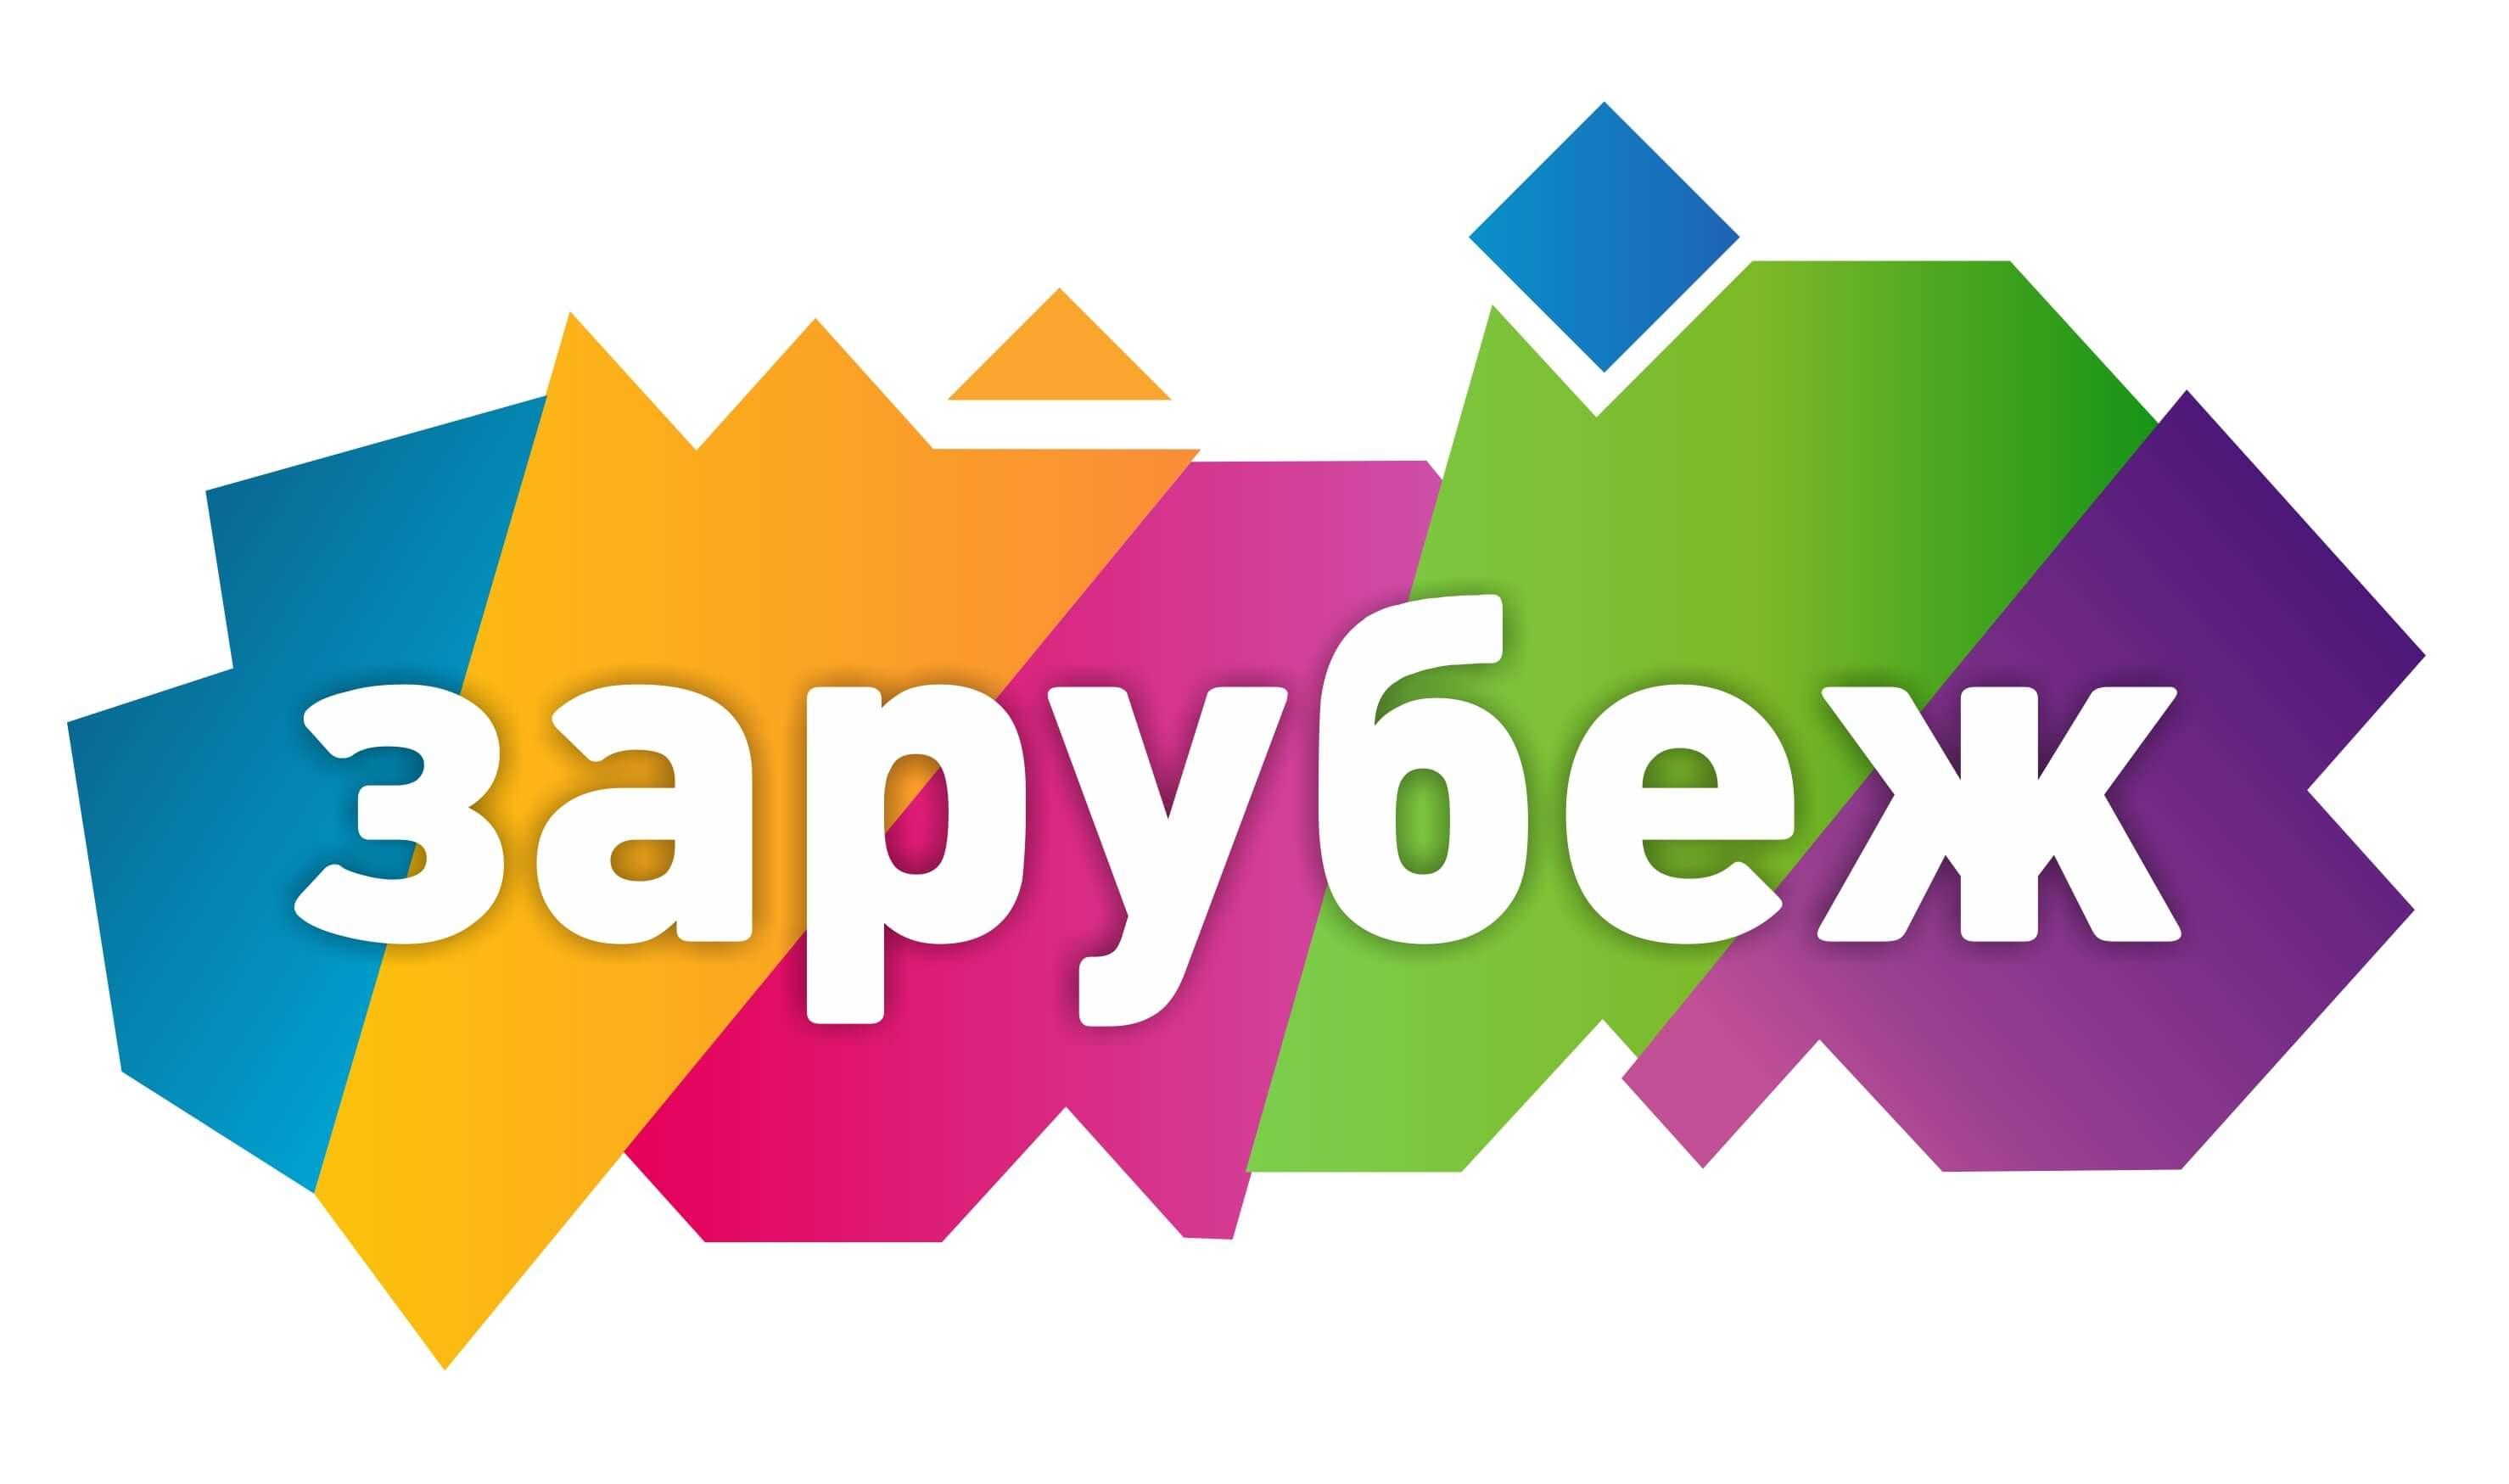 лого зарубеж eurostudy